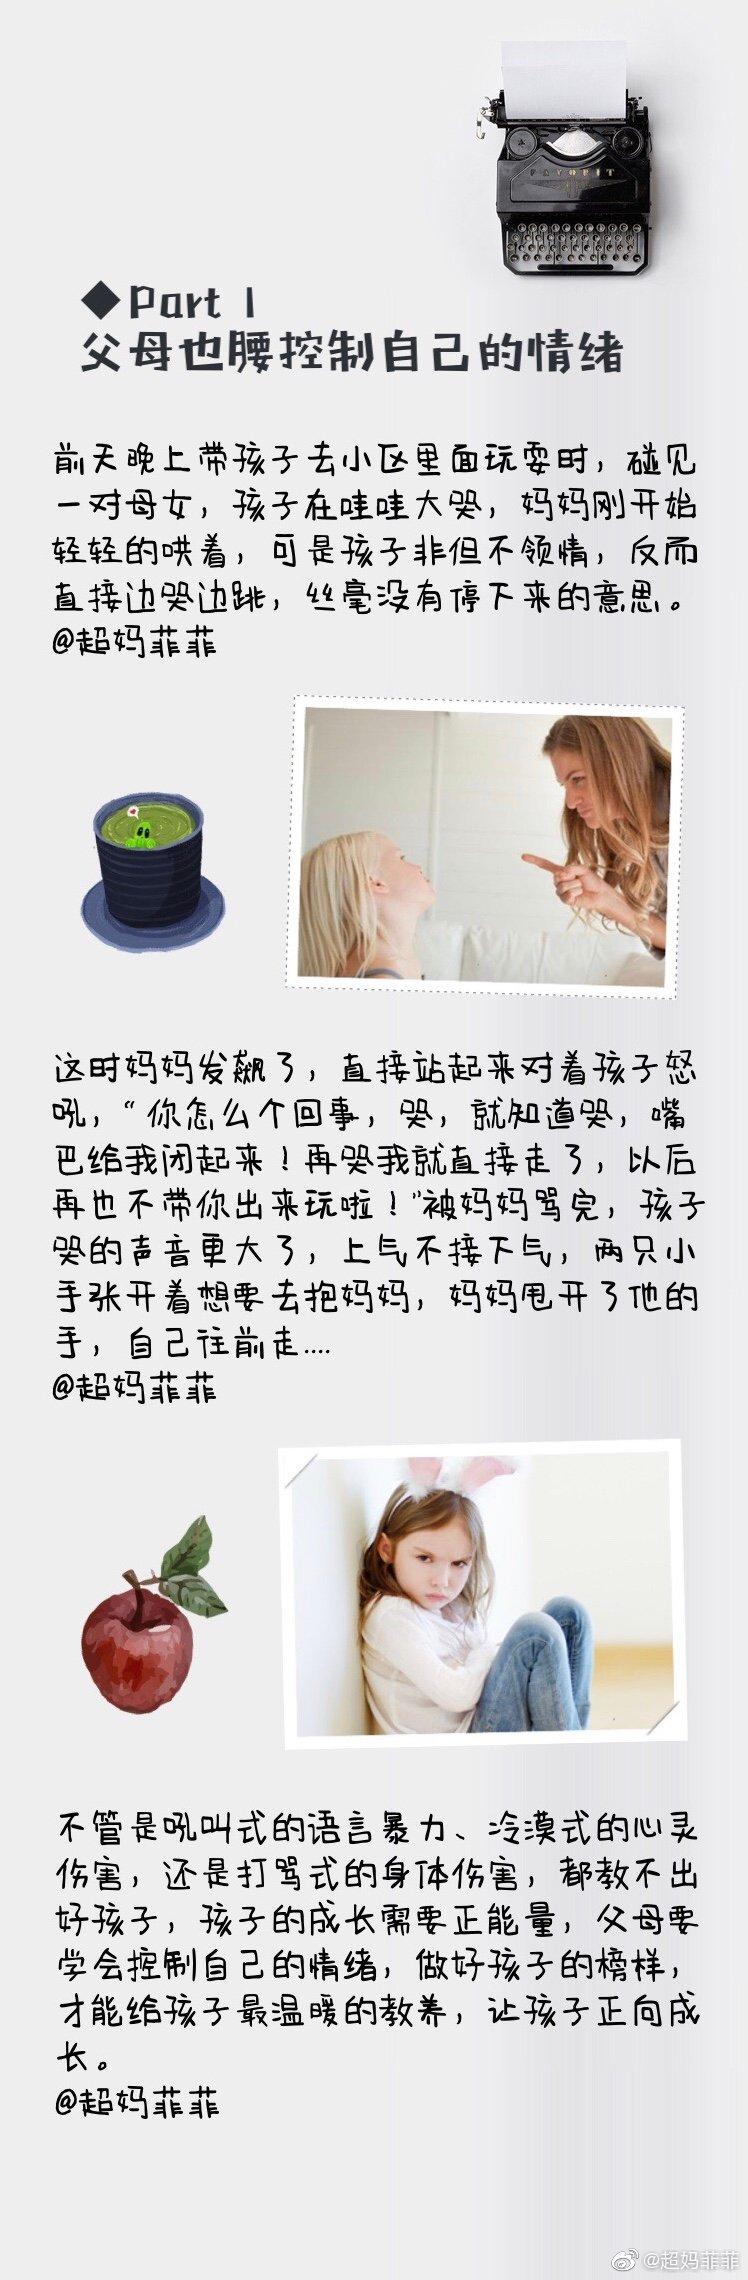 打骂是教不出好孩子的,要 学会零吼叫教养 纵观整个中国